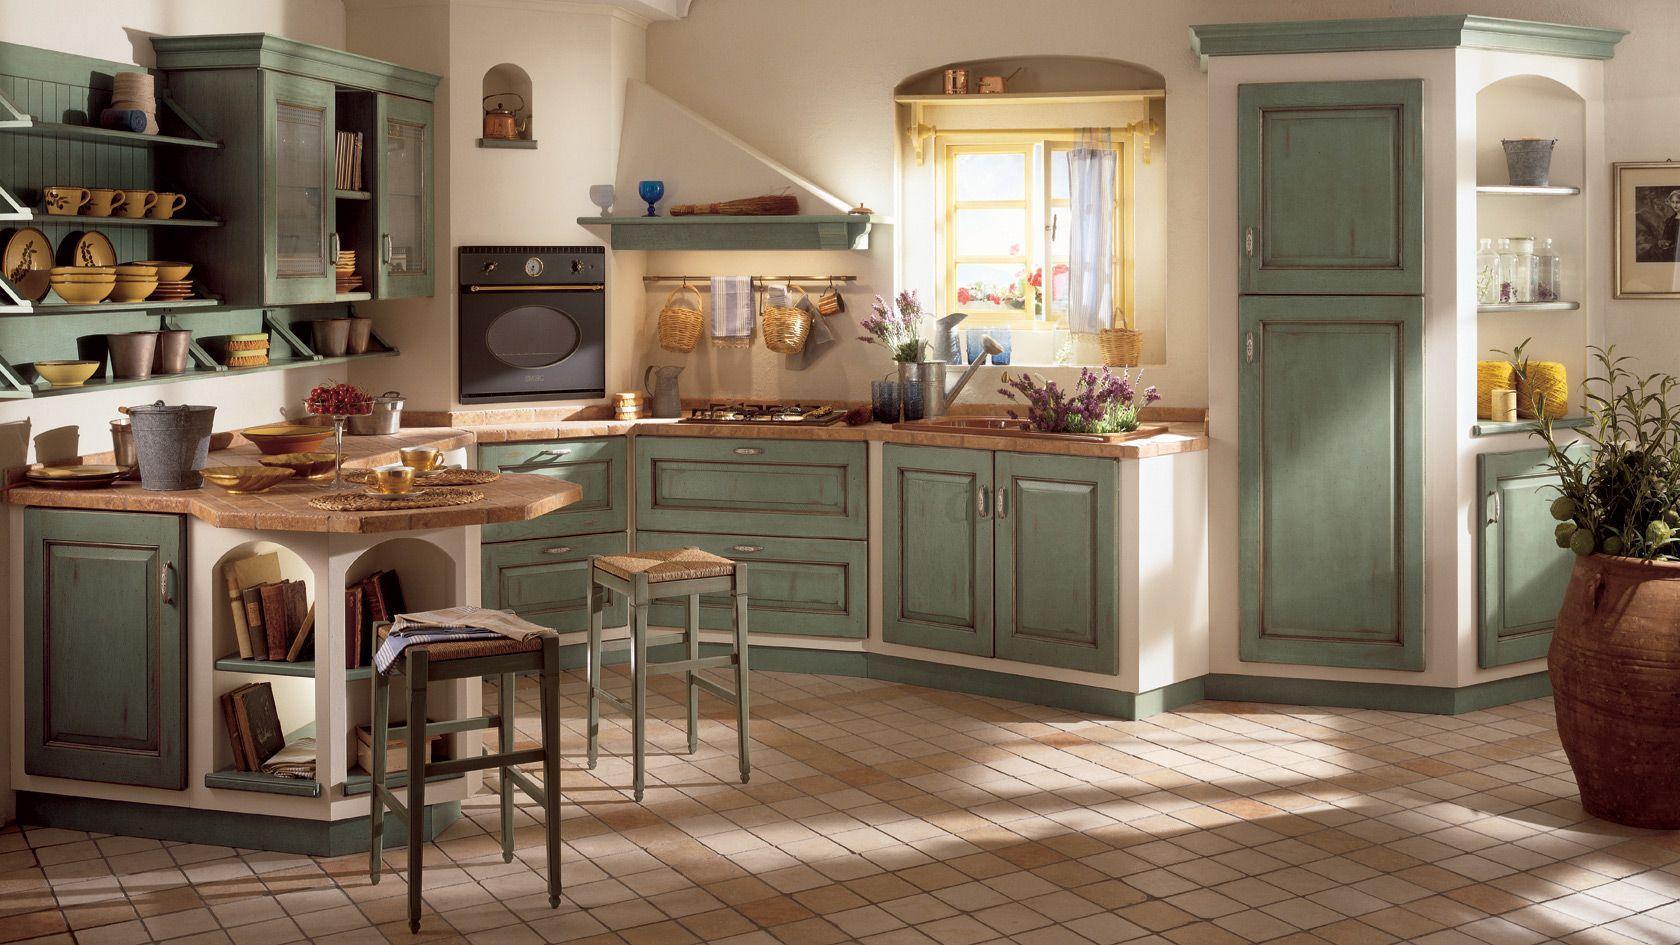 Cucina tradizionale Belvedere | Sito ufficiale Scavolini | Cucine ...